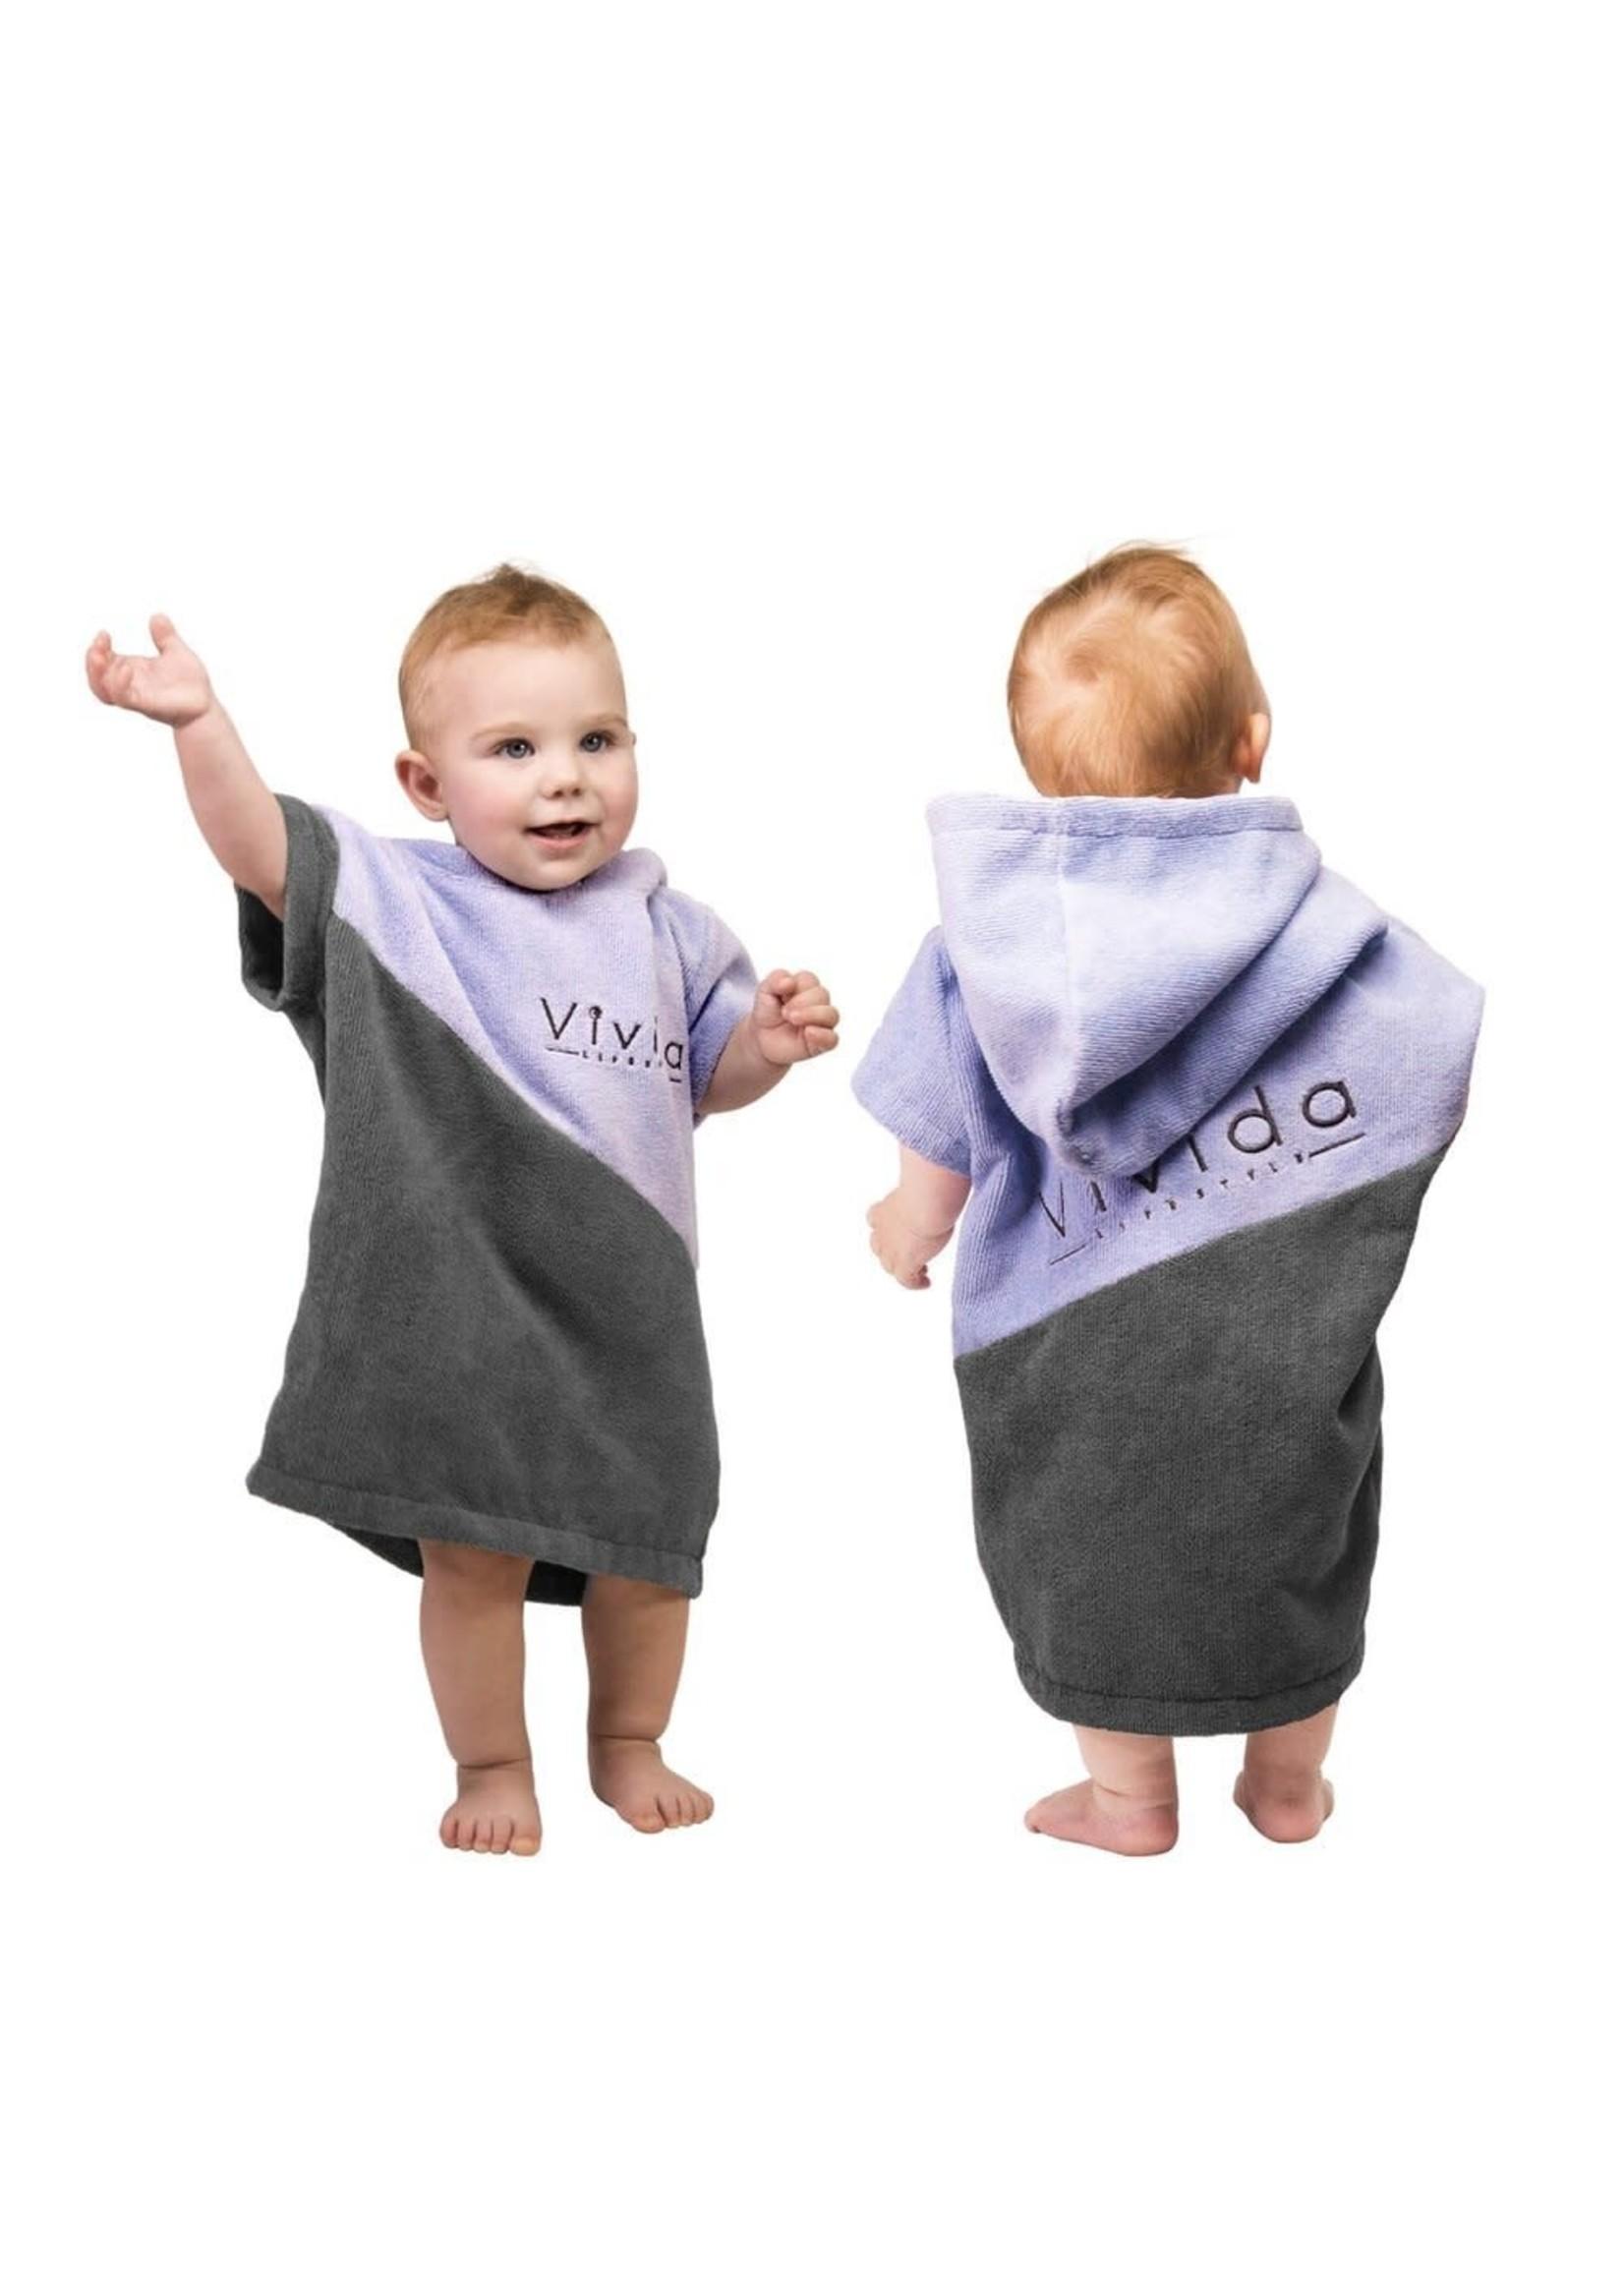 VIVIDA Serviette Poncho Premium pour Bébé / Misty Lilac & Olive Grey